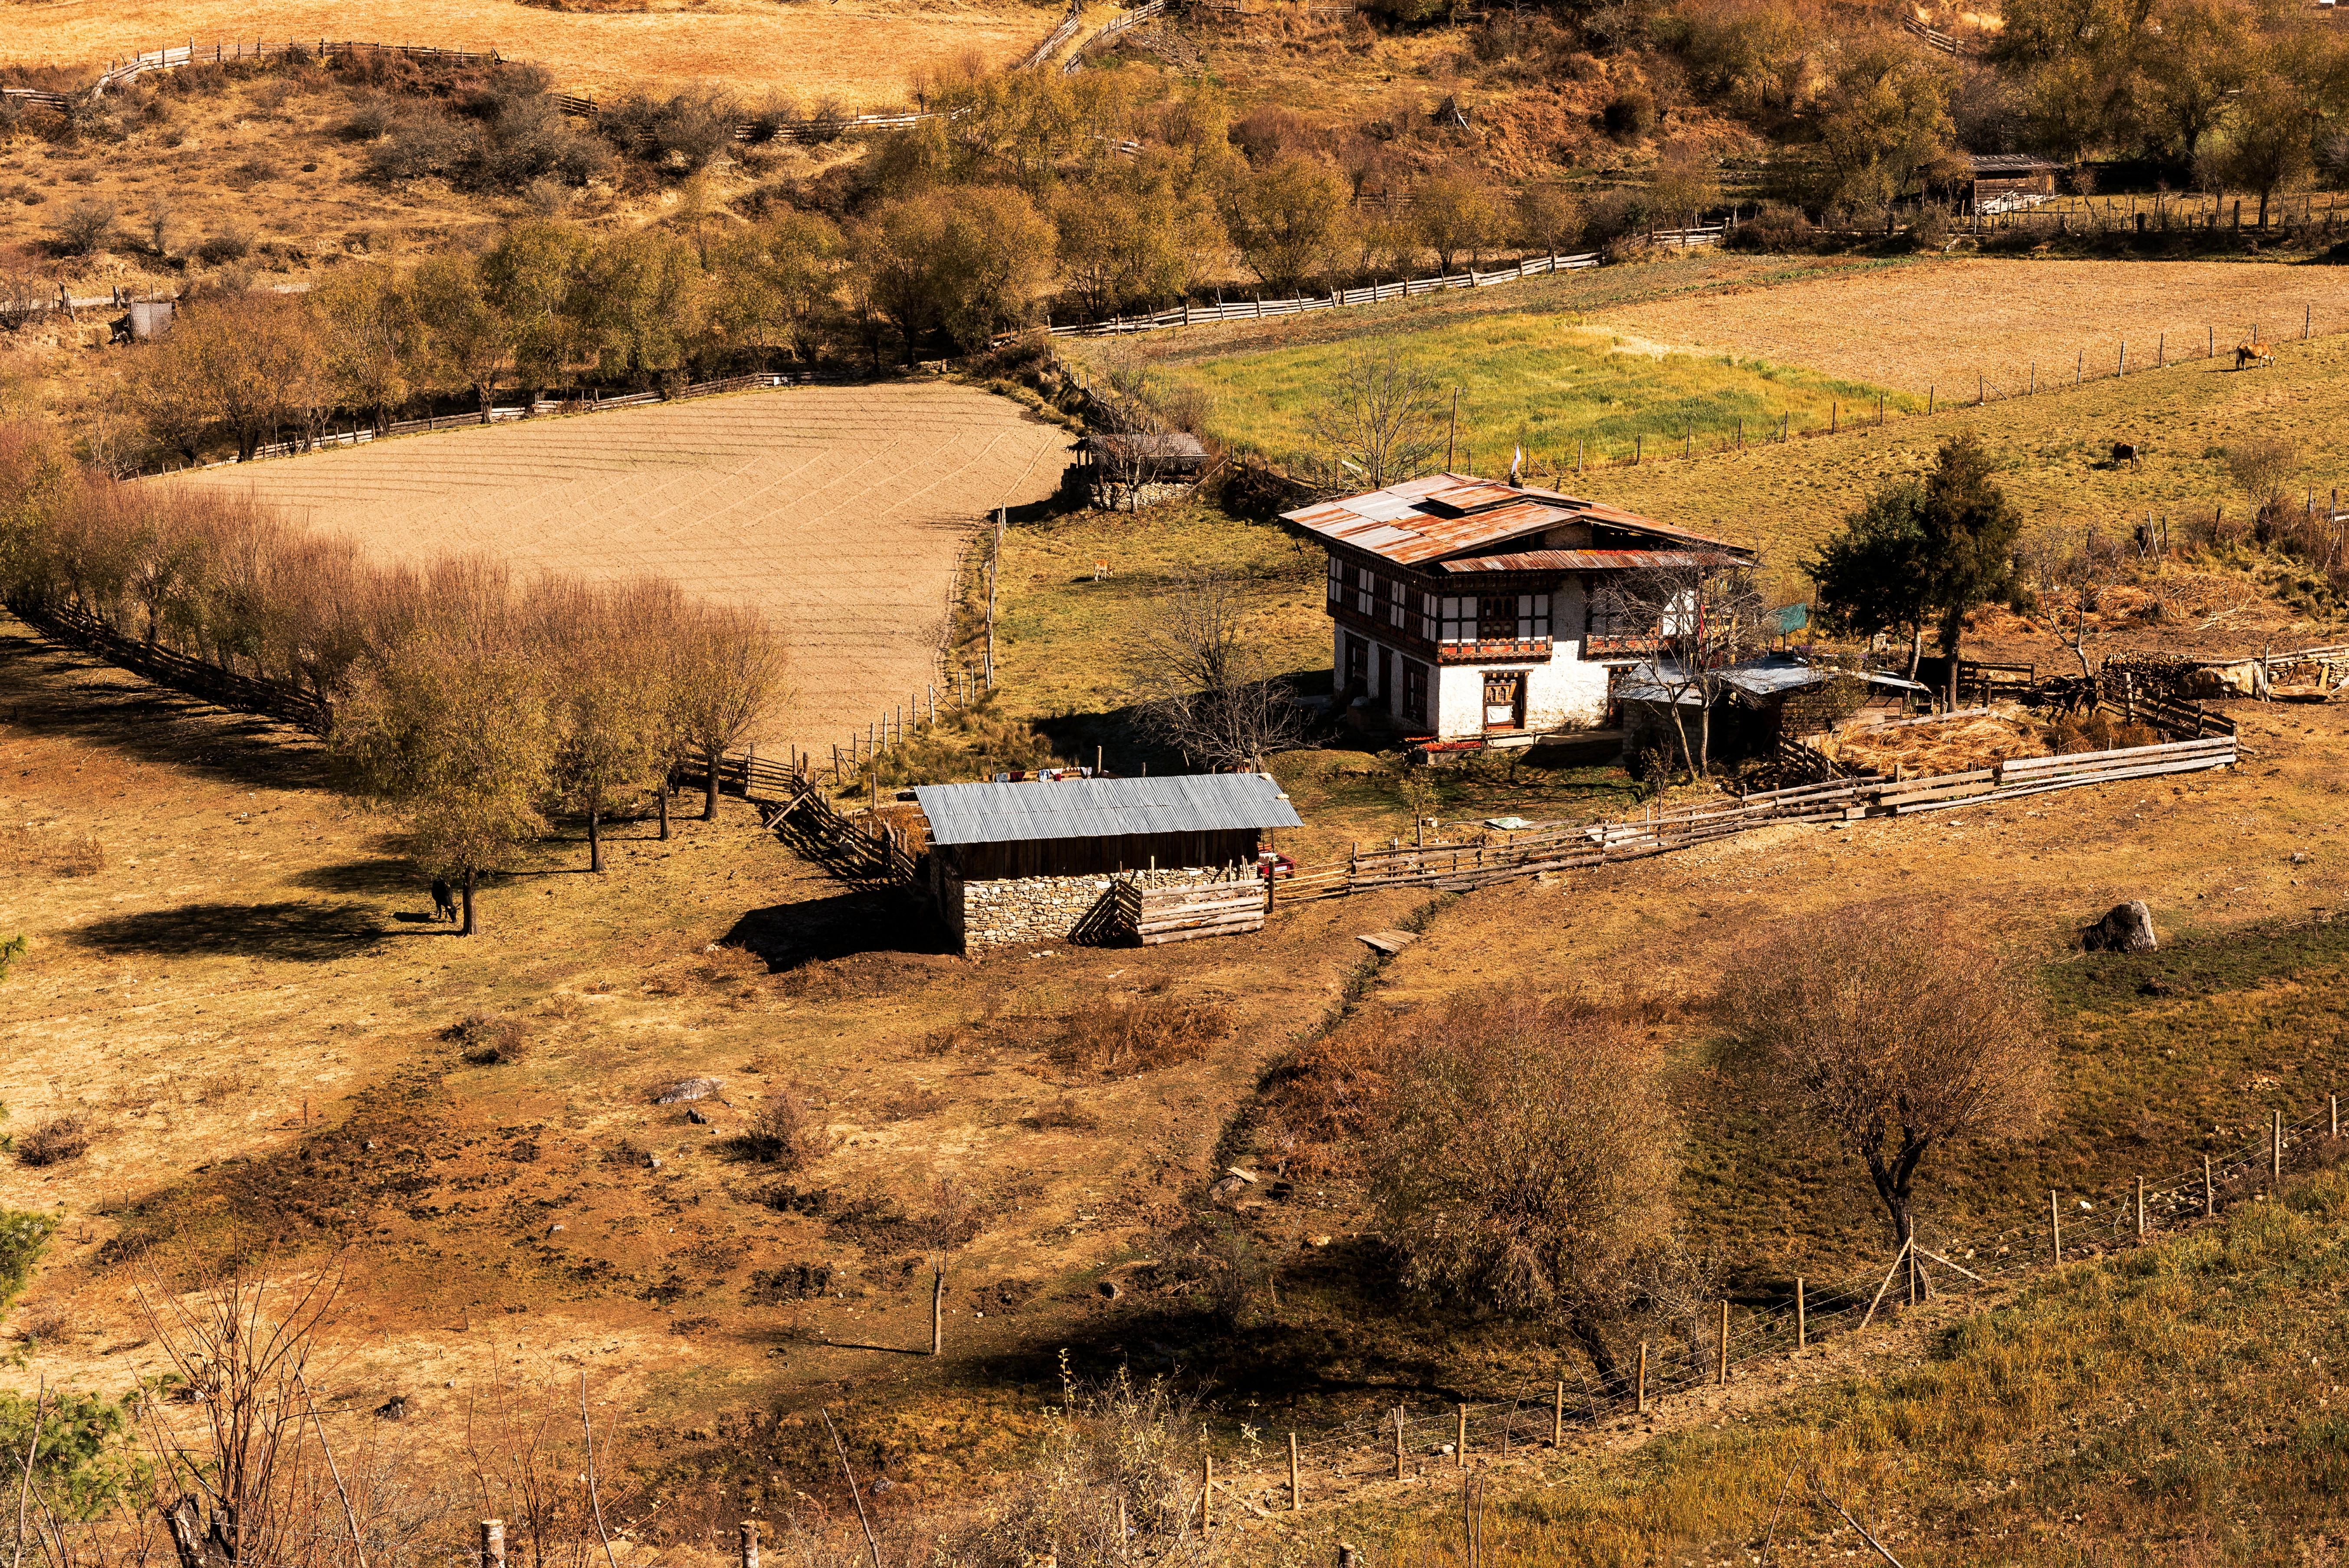 Bután tiene una población de poco más de 800.000 habitantes, de los cuales el 40% viven de la pequeña agricultura y ganadería, alejados de las ciudades